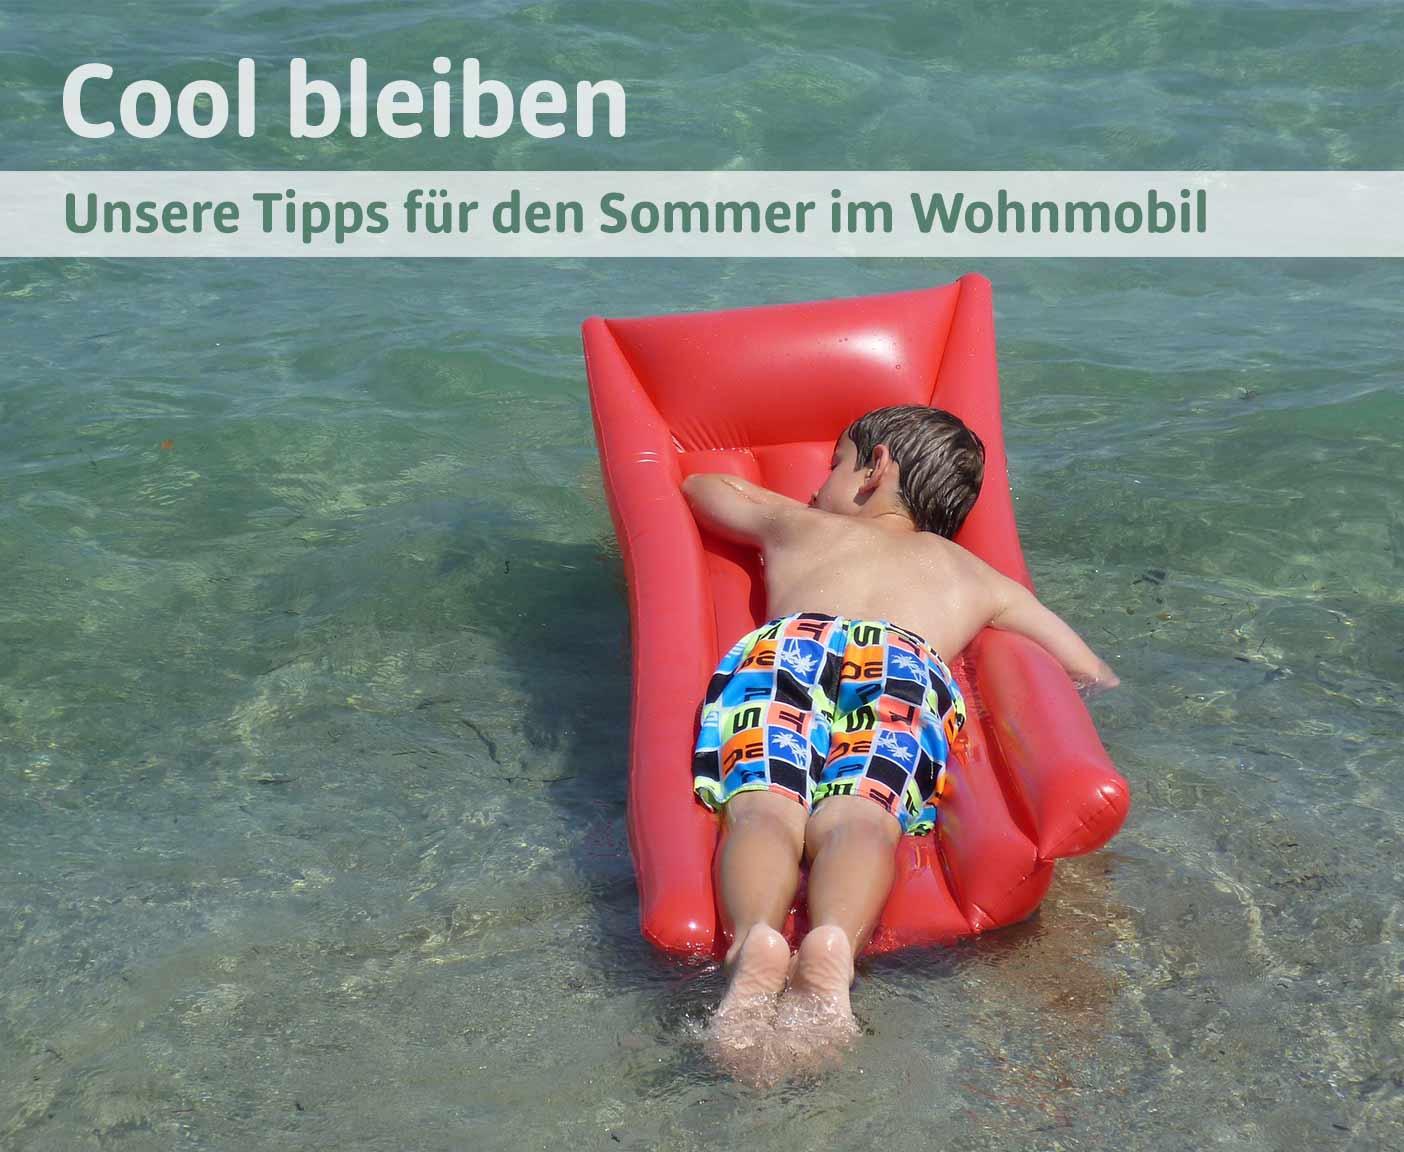 kleiner Junge auf einer roten Luftmatratze schwimmt im Meer